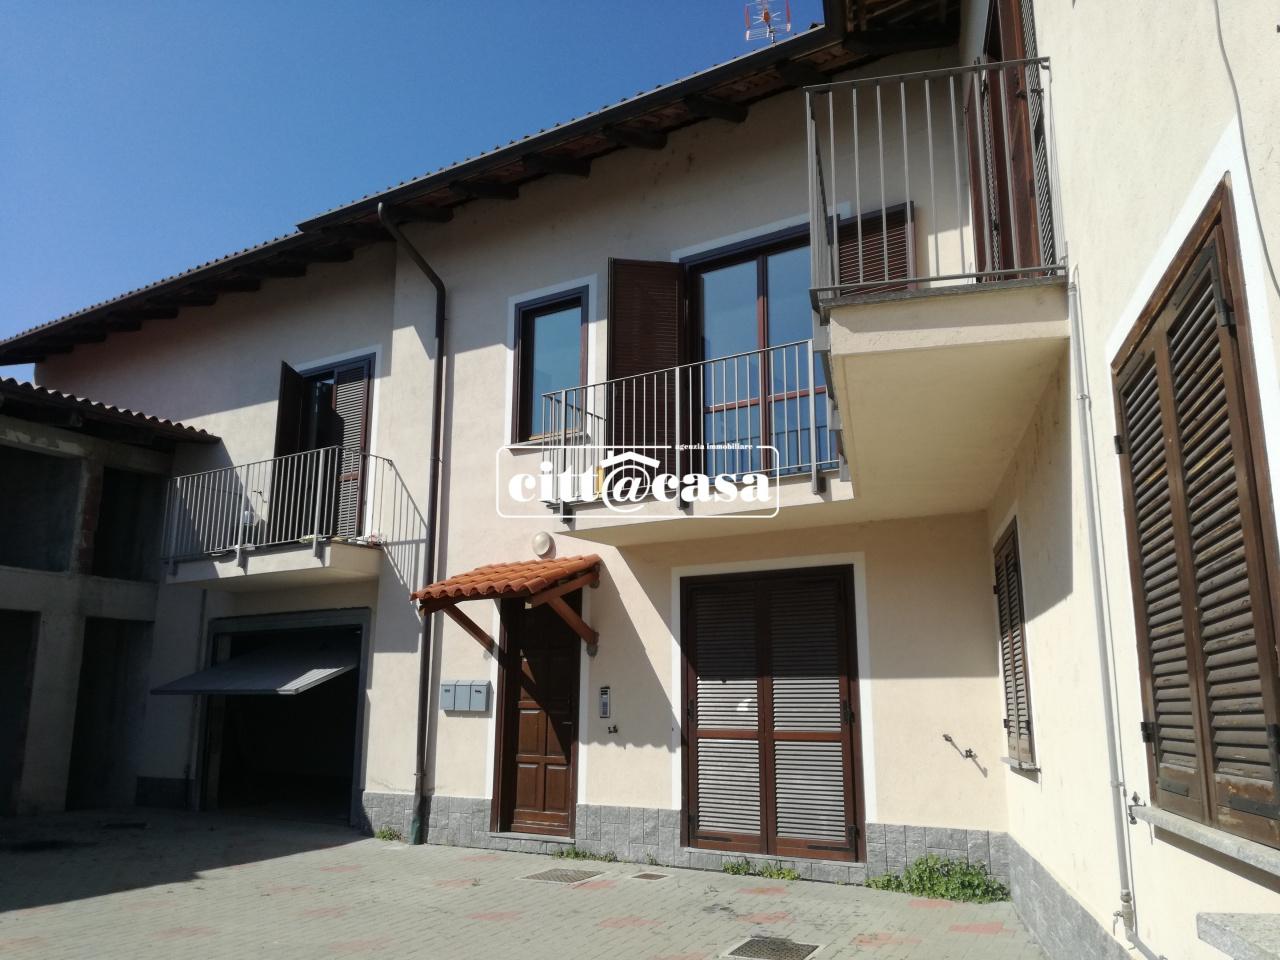 Appartamento in vendita a Calliano, 3 locali, prezzo € 40.000 | CambioCasa.it